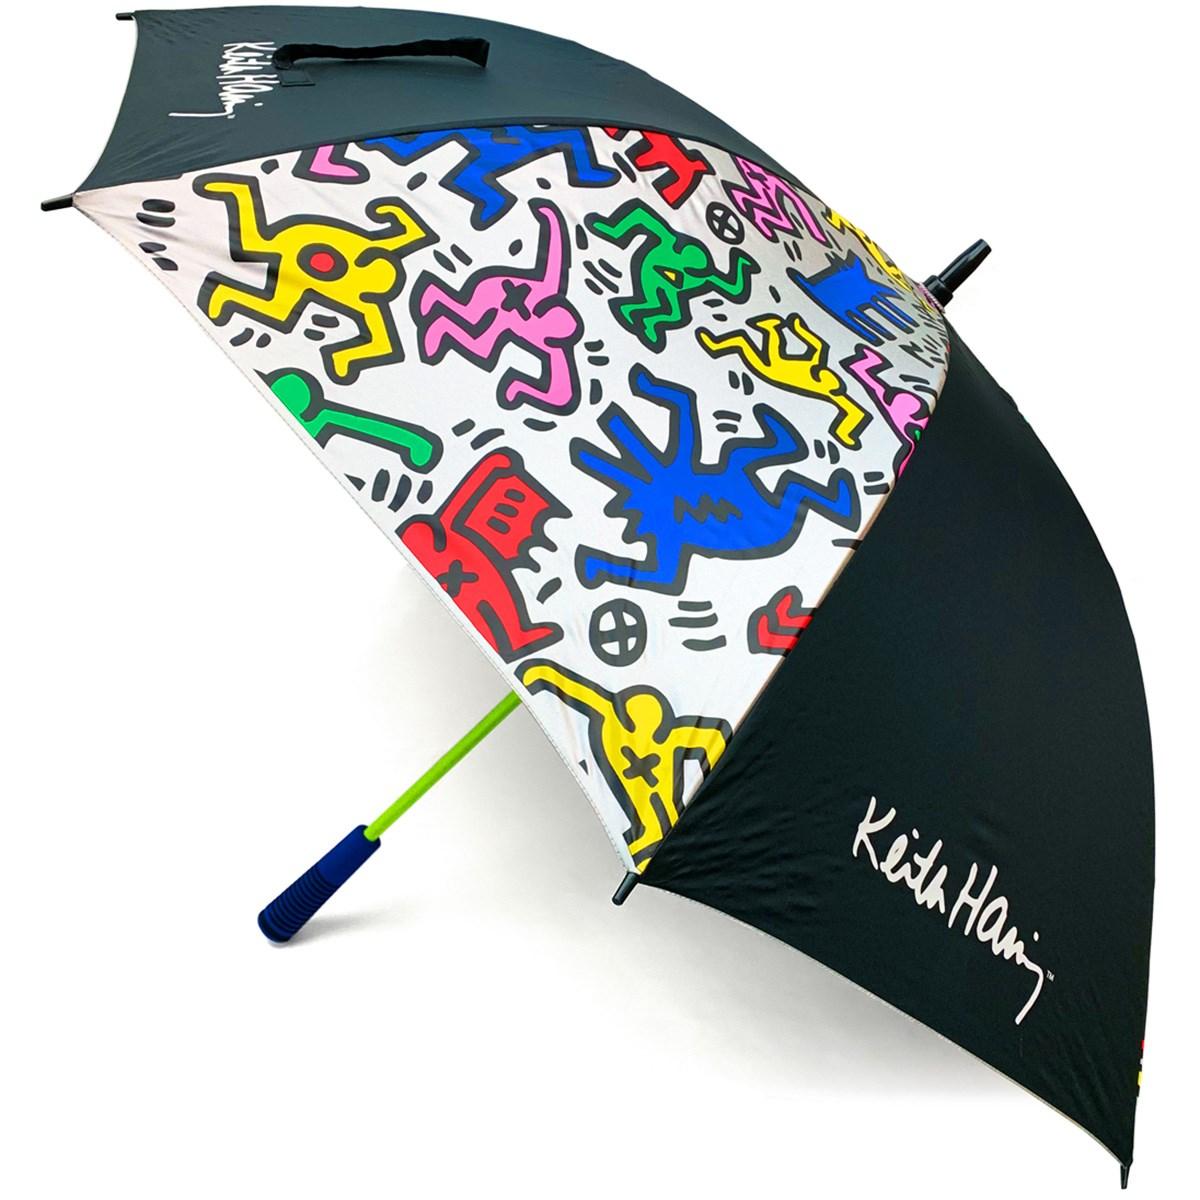 キース・ヘリング Keith Haring 傘 ブラック